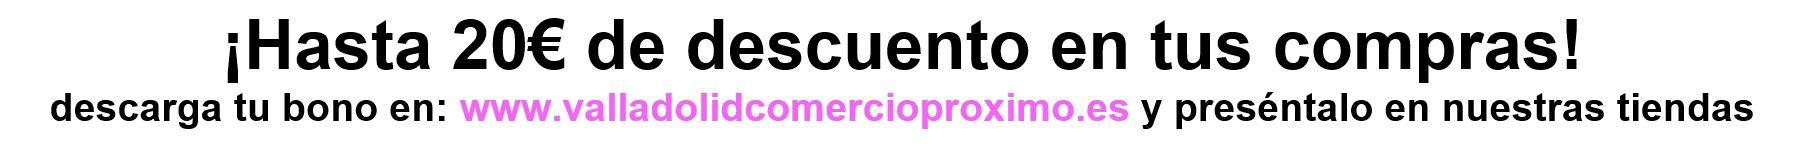 !Hasta 20€ de descuento en tu peluca! descarga tu bono en:  www.valladolidcomercioproximo.es y preséntalo en nuestras tiendas